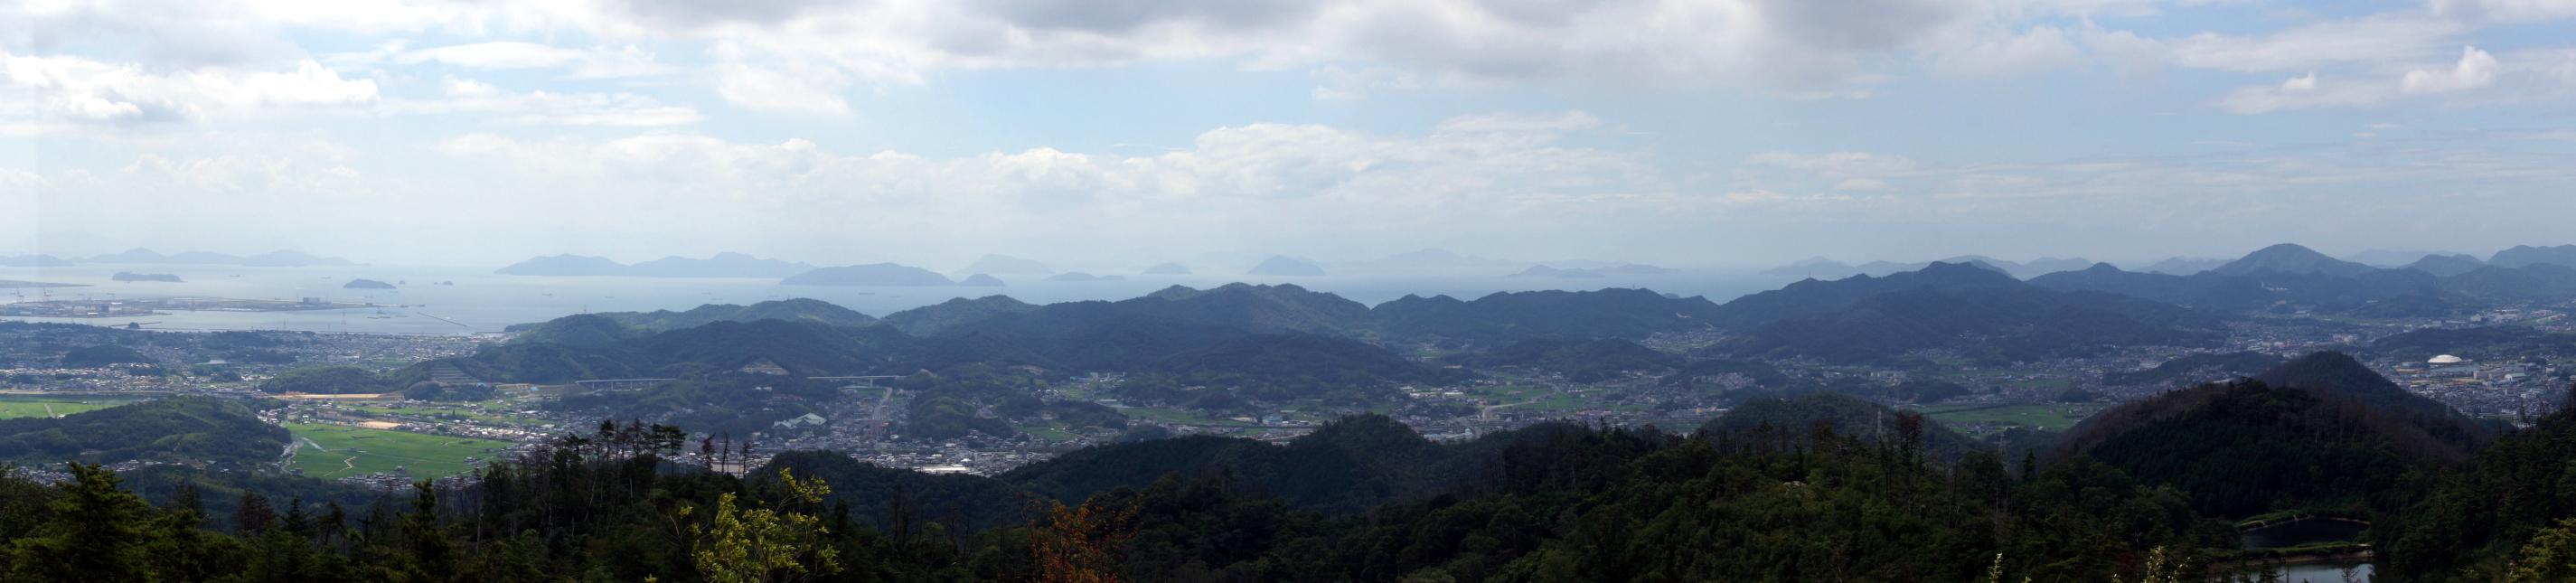 asakuchi-city-panorama-from-mt_yoshozan